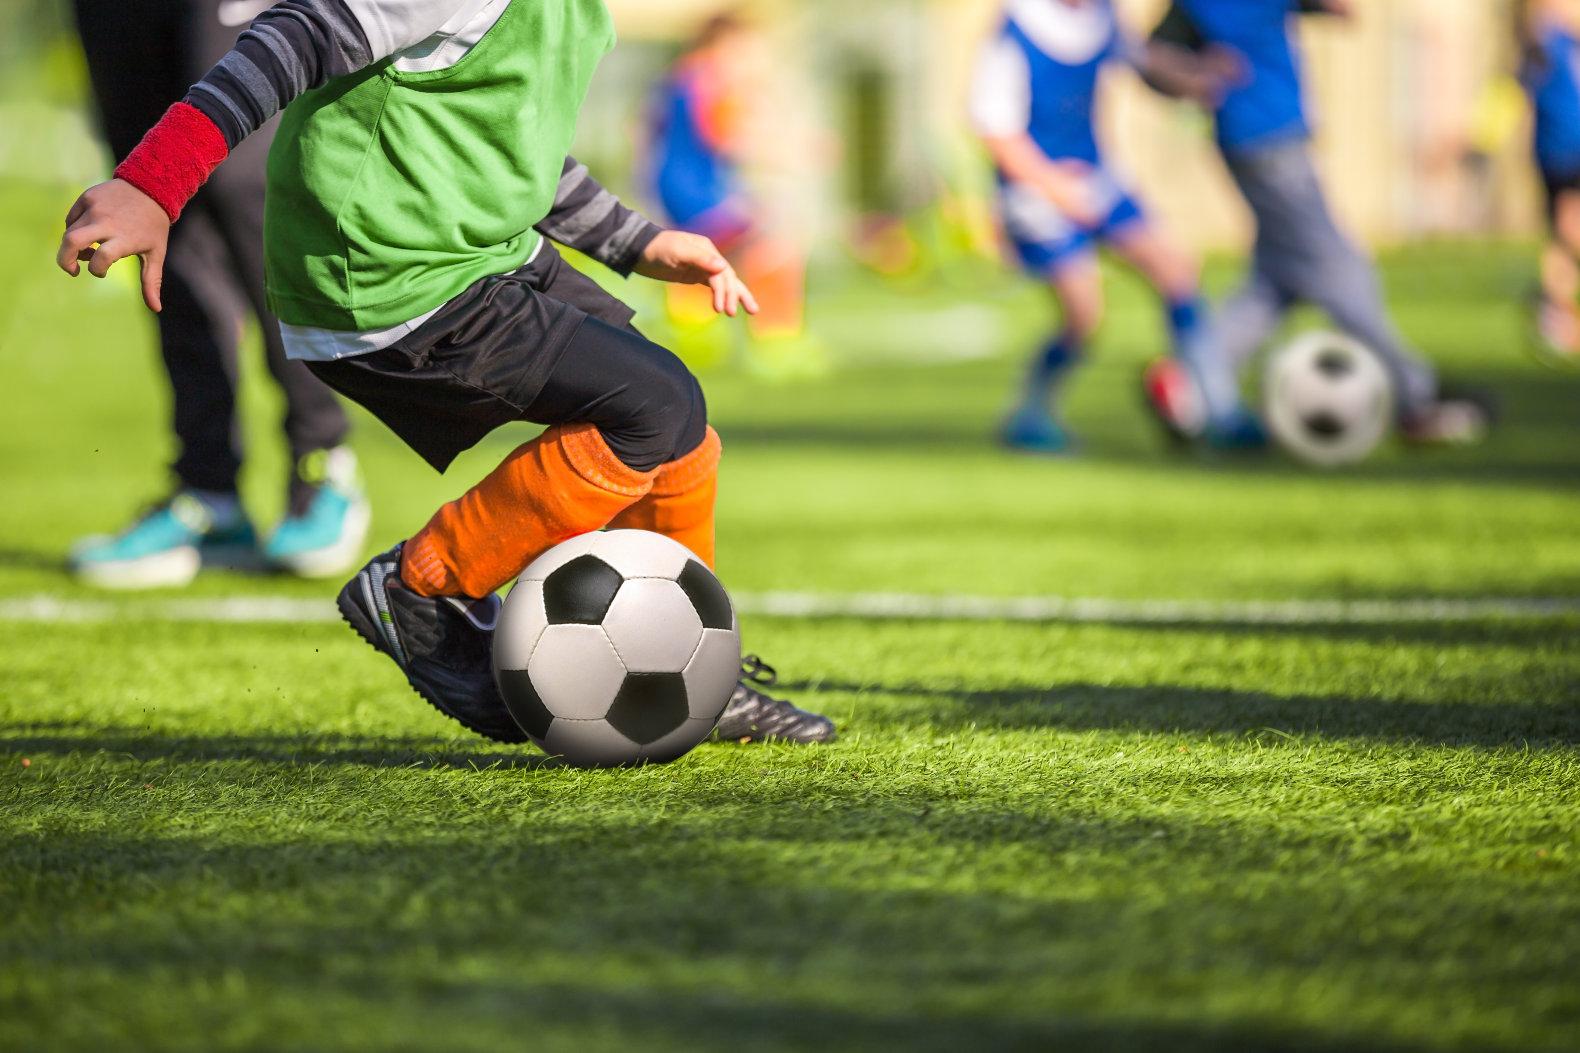 Műfüves focipálya, műfüves focicipő